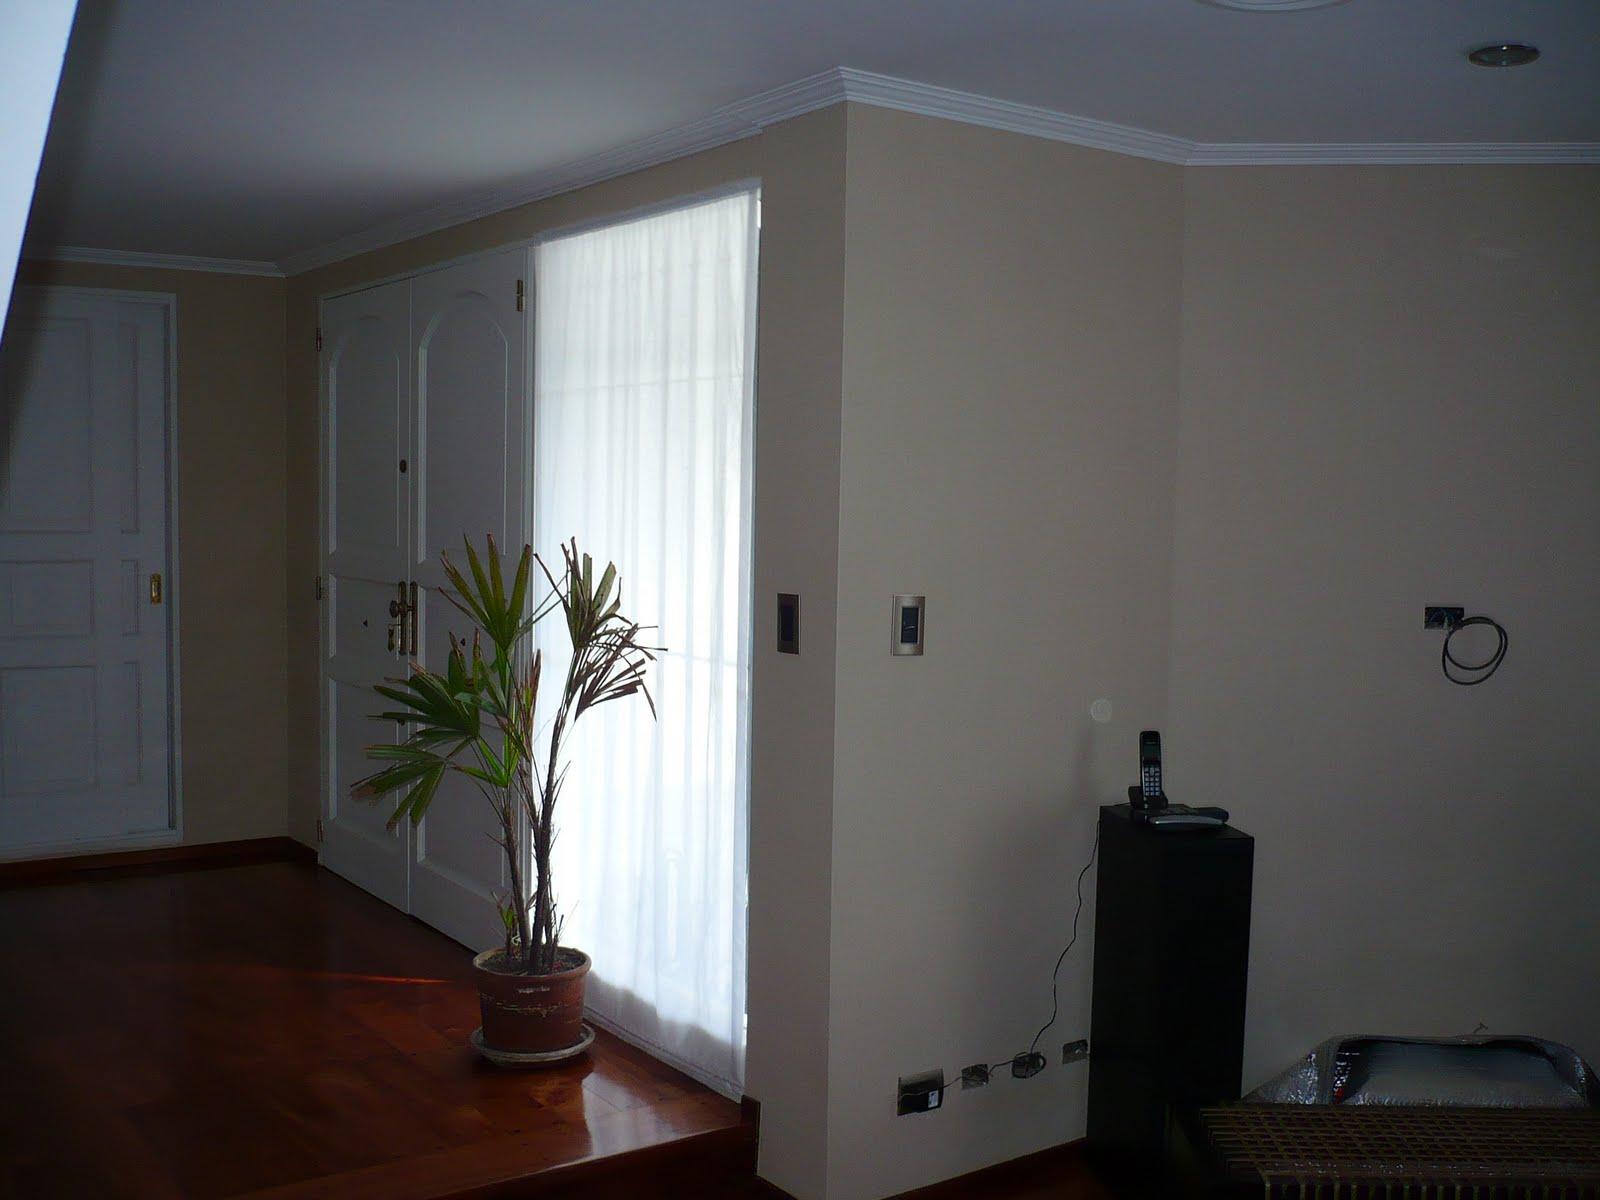 Emy decoraciones cortinas planas - Cortinas y decoraciones ...